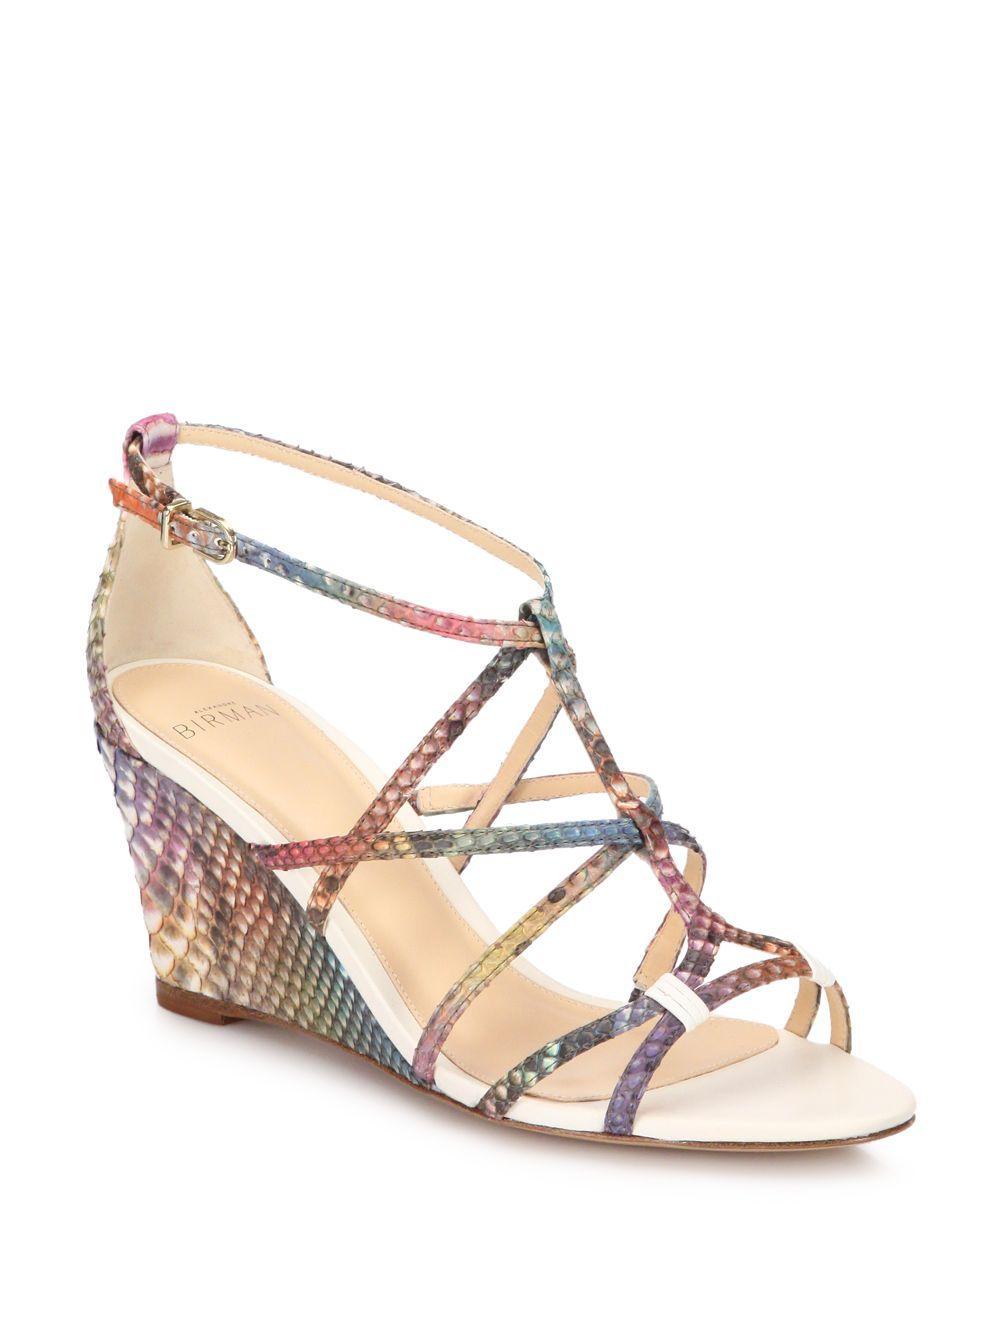 Birman Shoes Sale